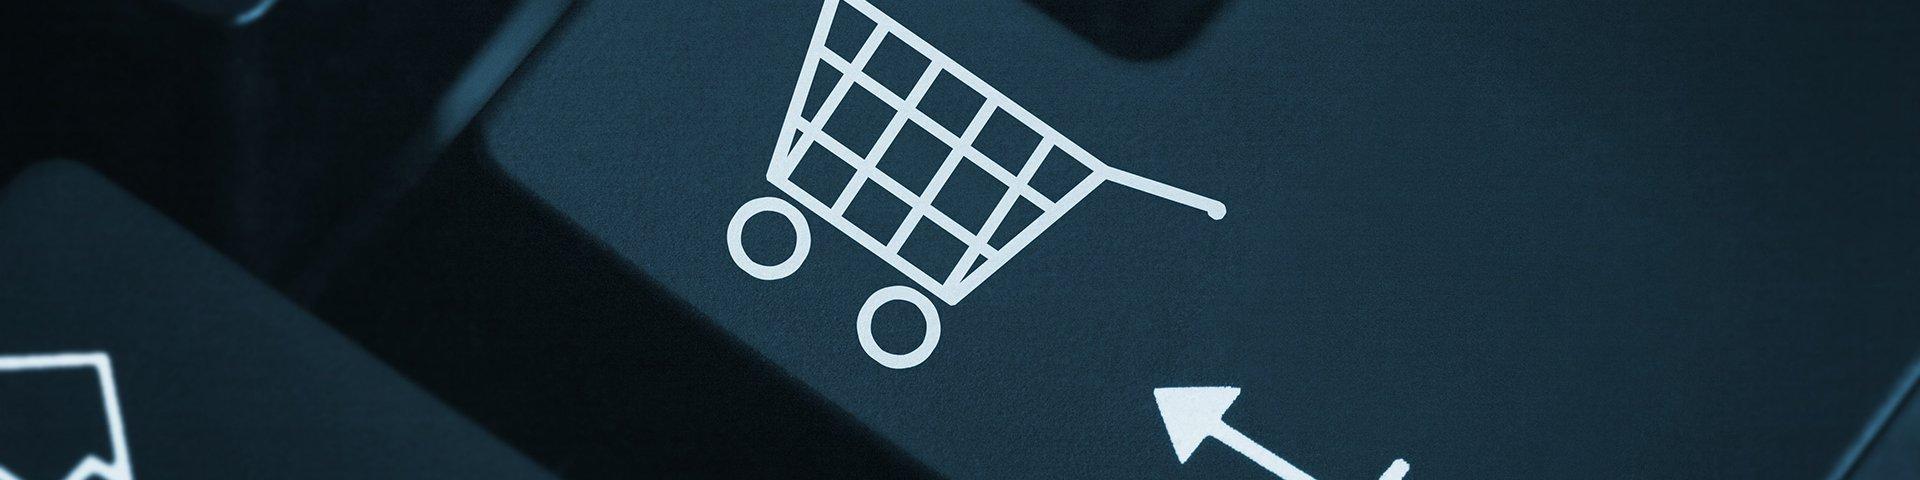 Tu tienda online 24 horas abierta